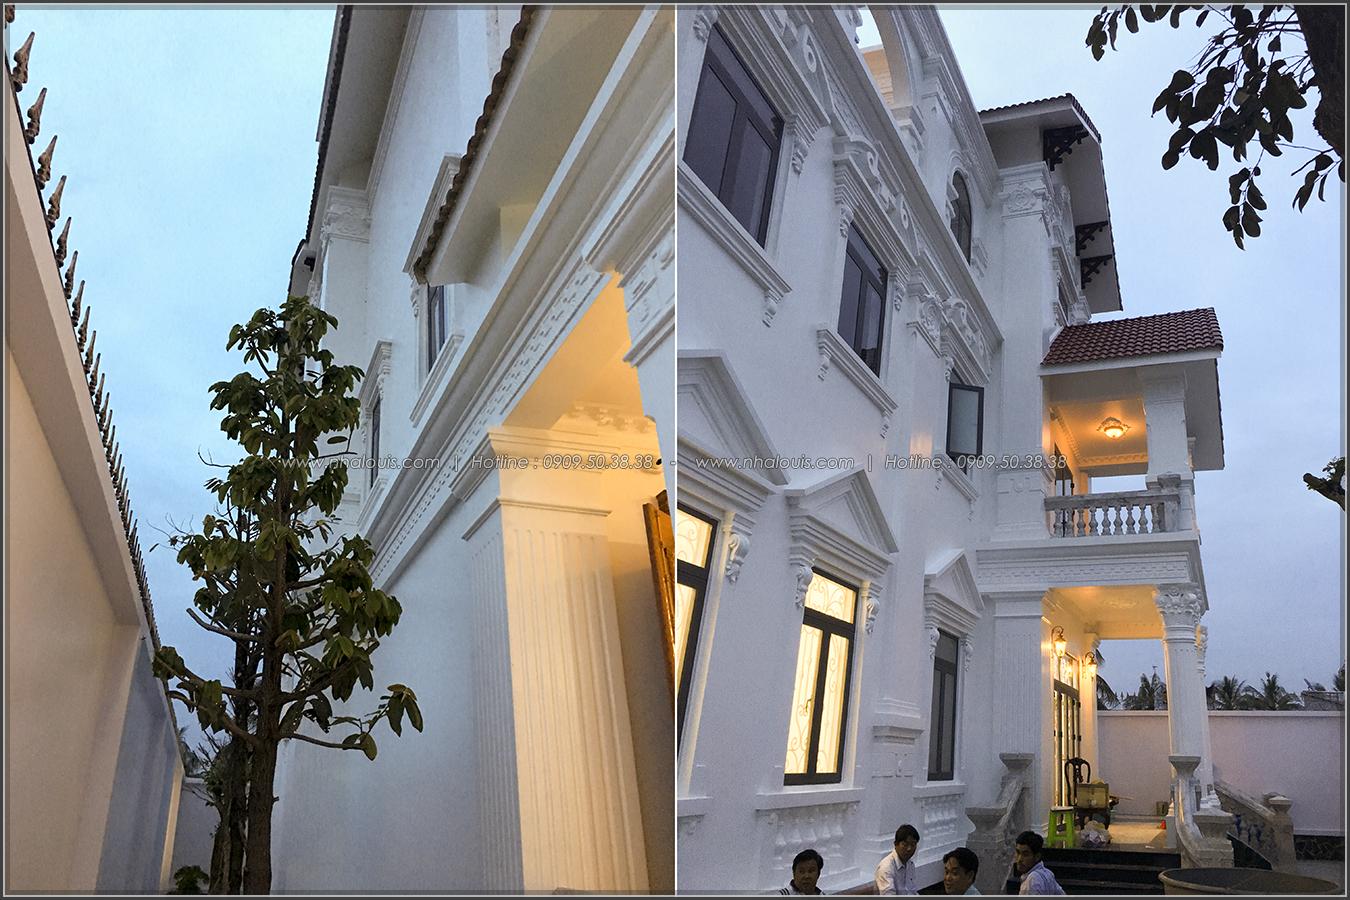 Thiết kế thi công biệt thự cổ điển kiểu Pháp tại Bạc Liêu - 11